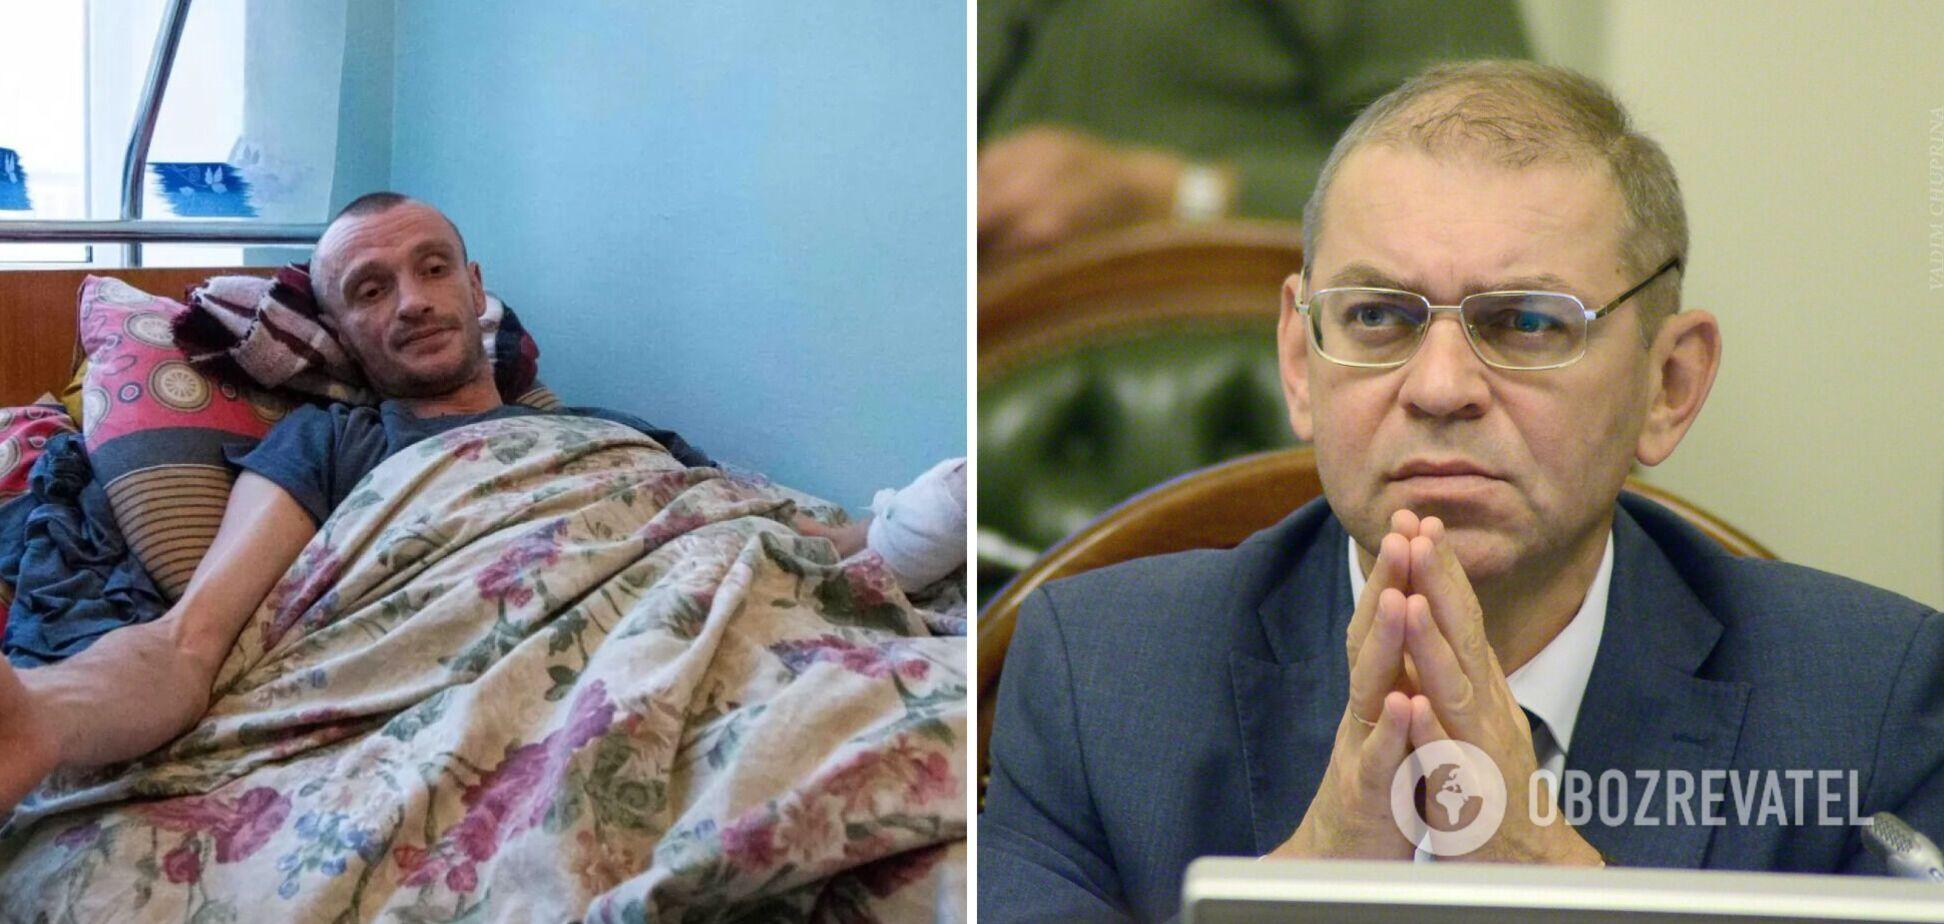 Дело о стрельбе Пашинского: пострадавший отозвал иск по экс-депутату